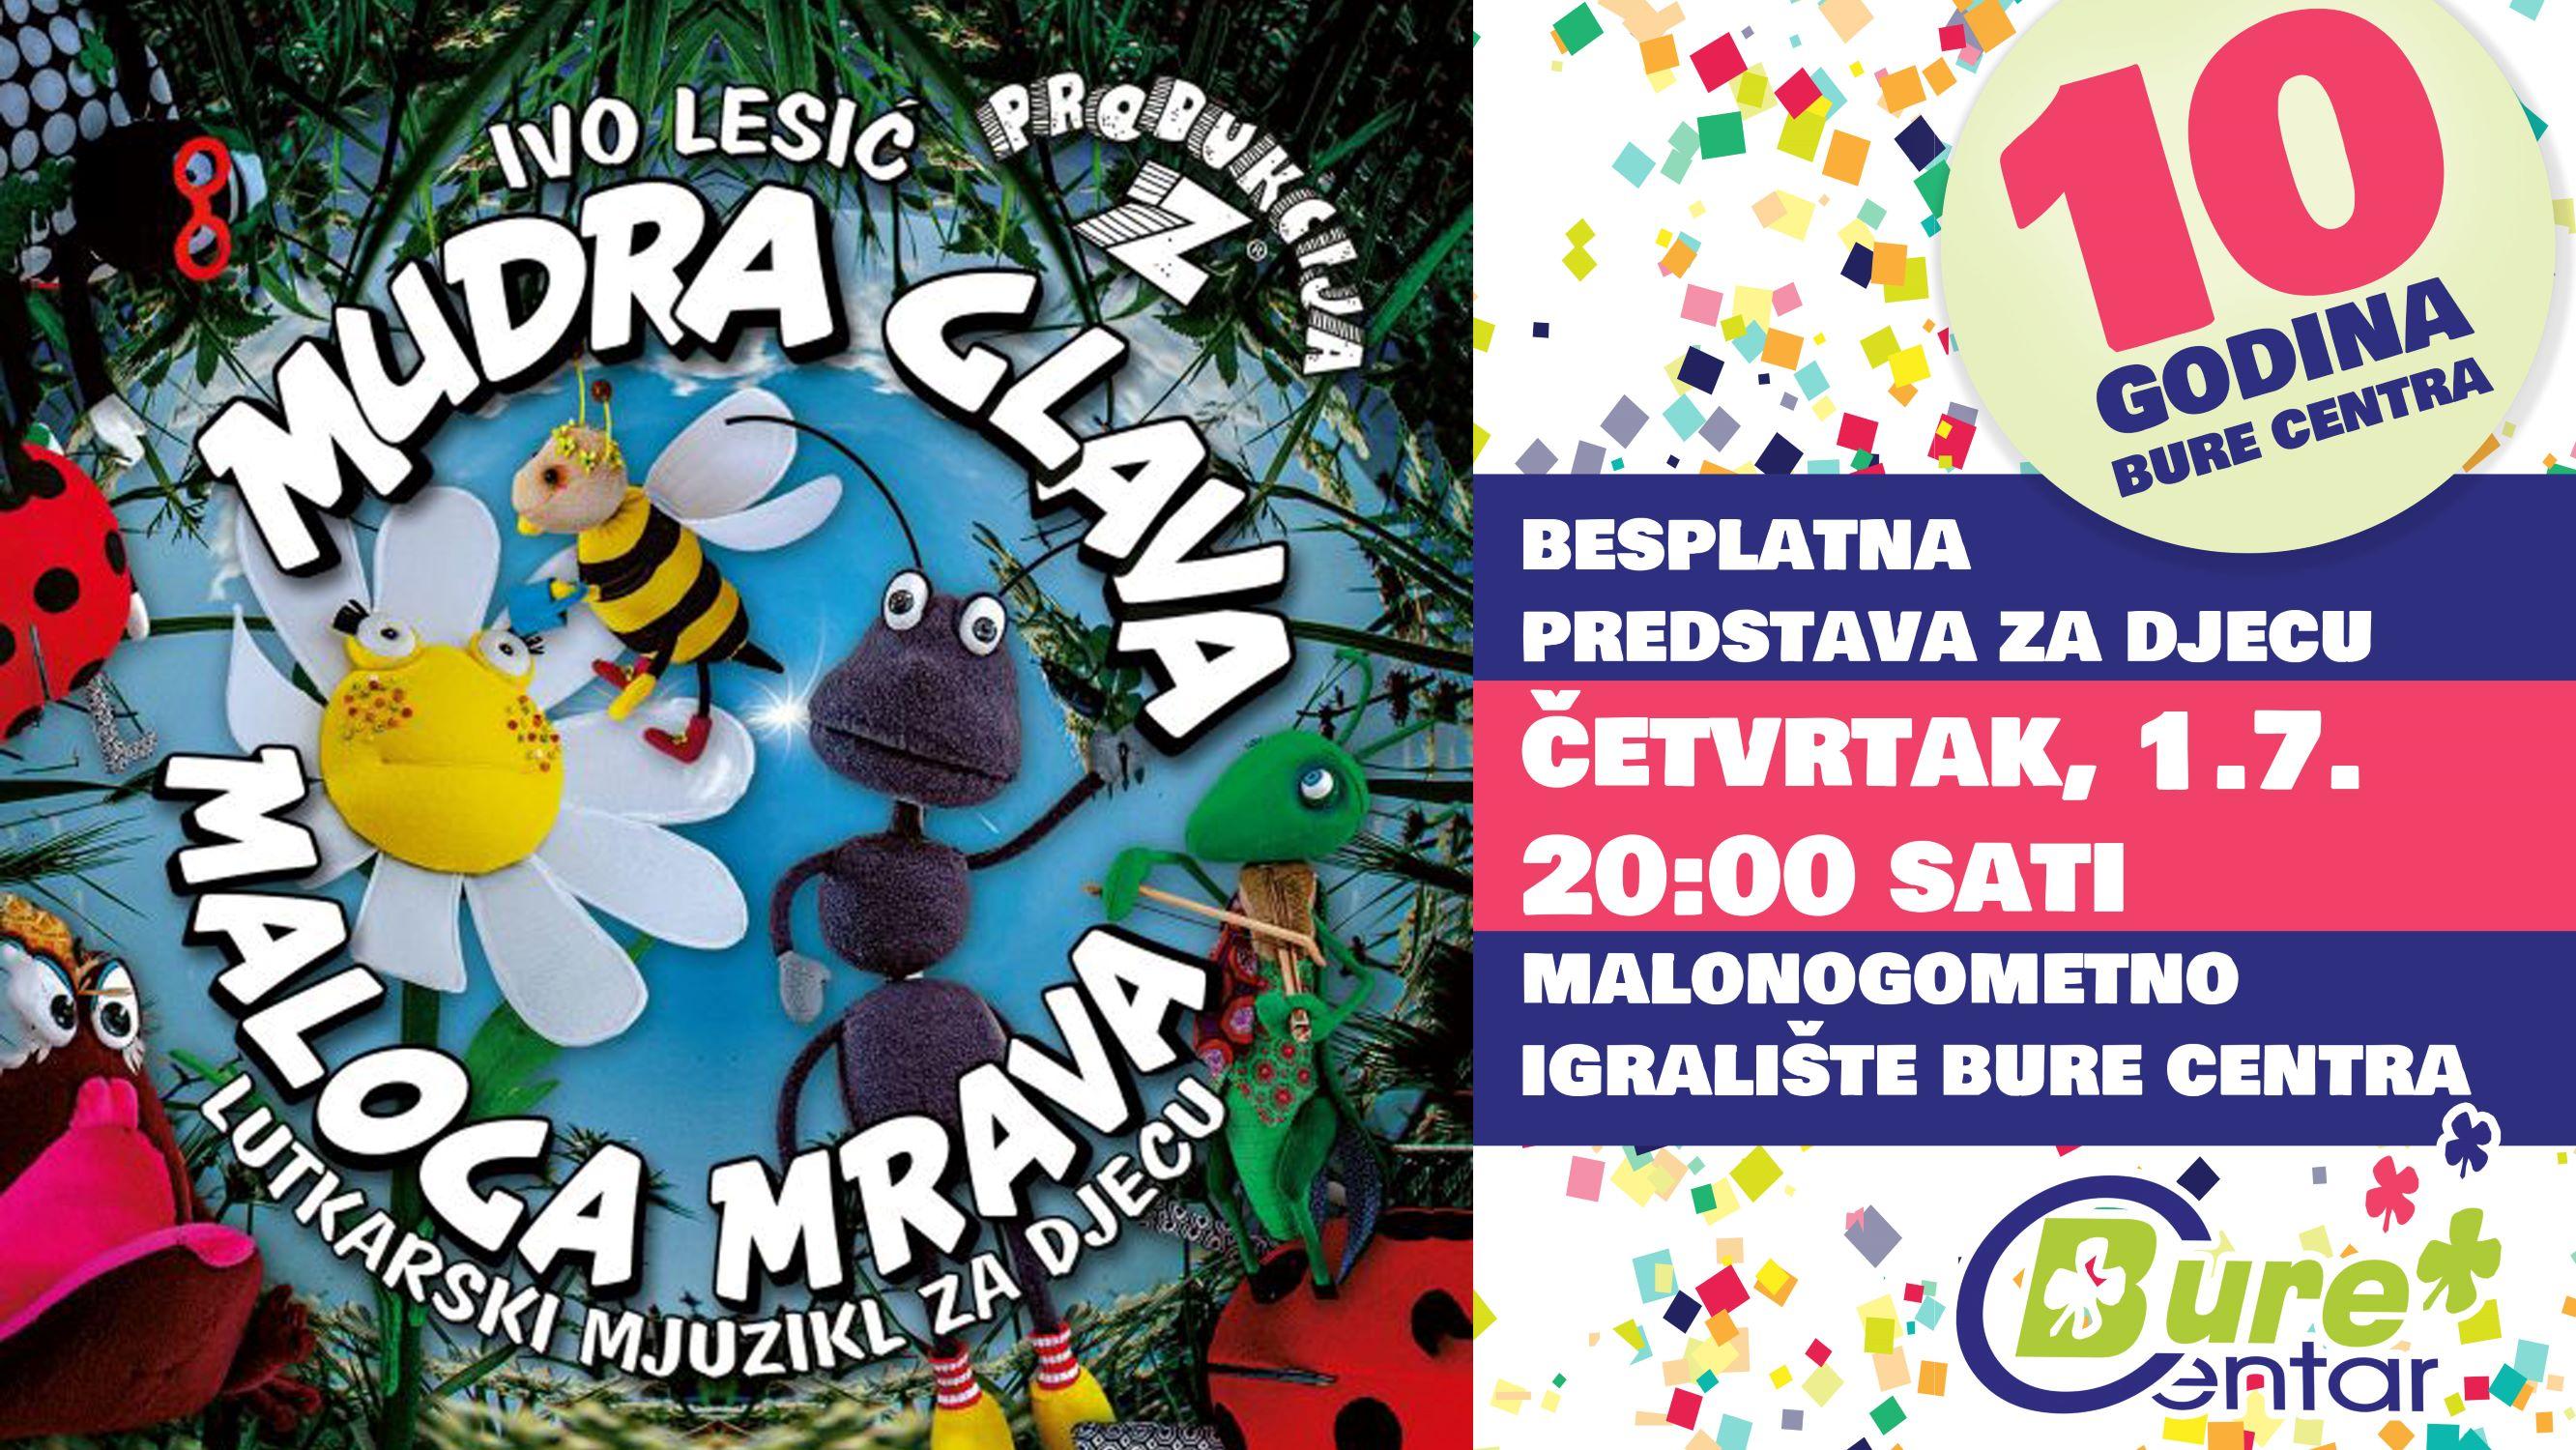 Mudra glava maloga mrava - besplatna predstava za djecu na otvorenom